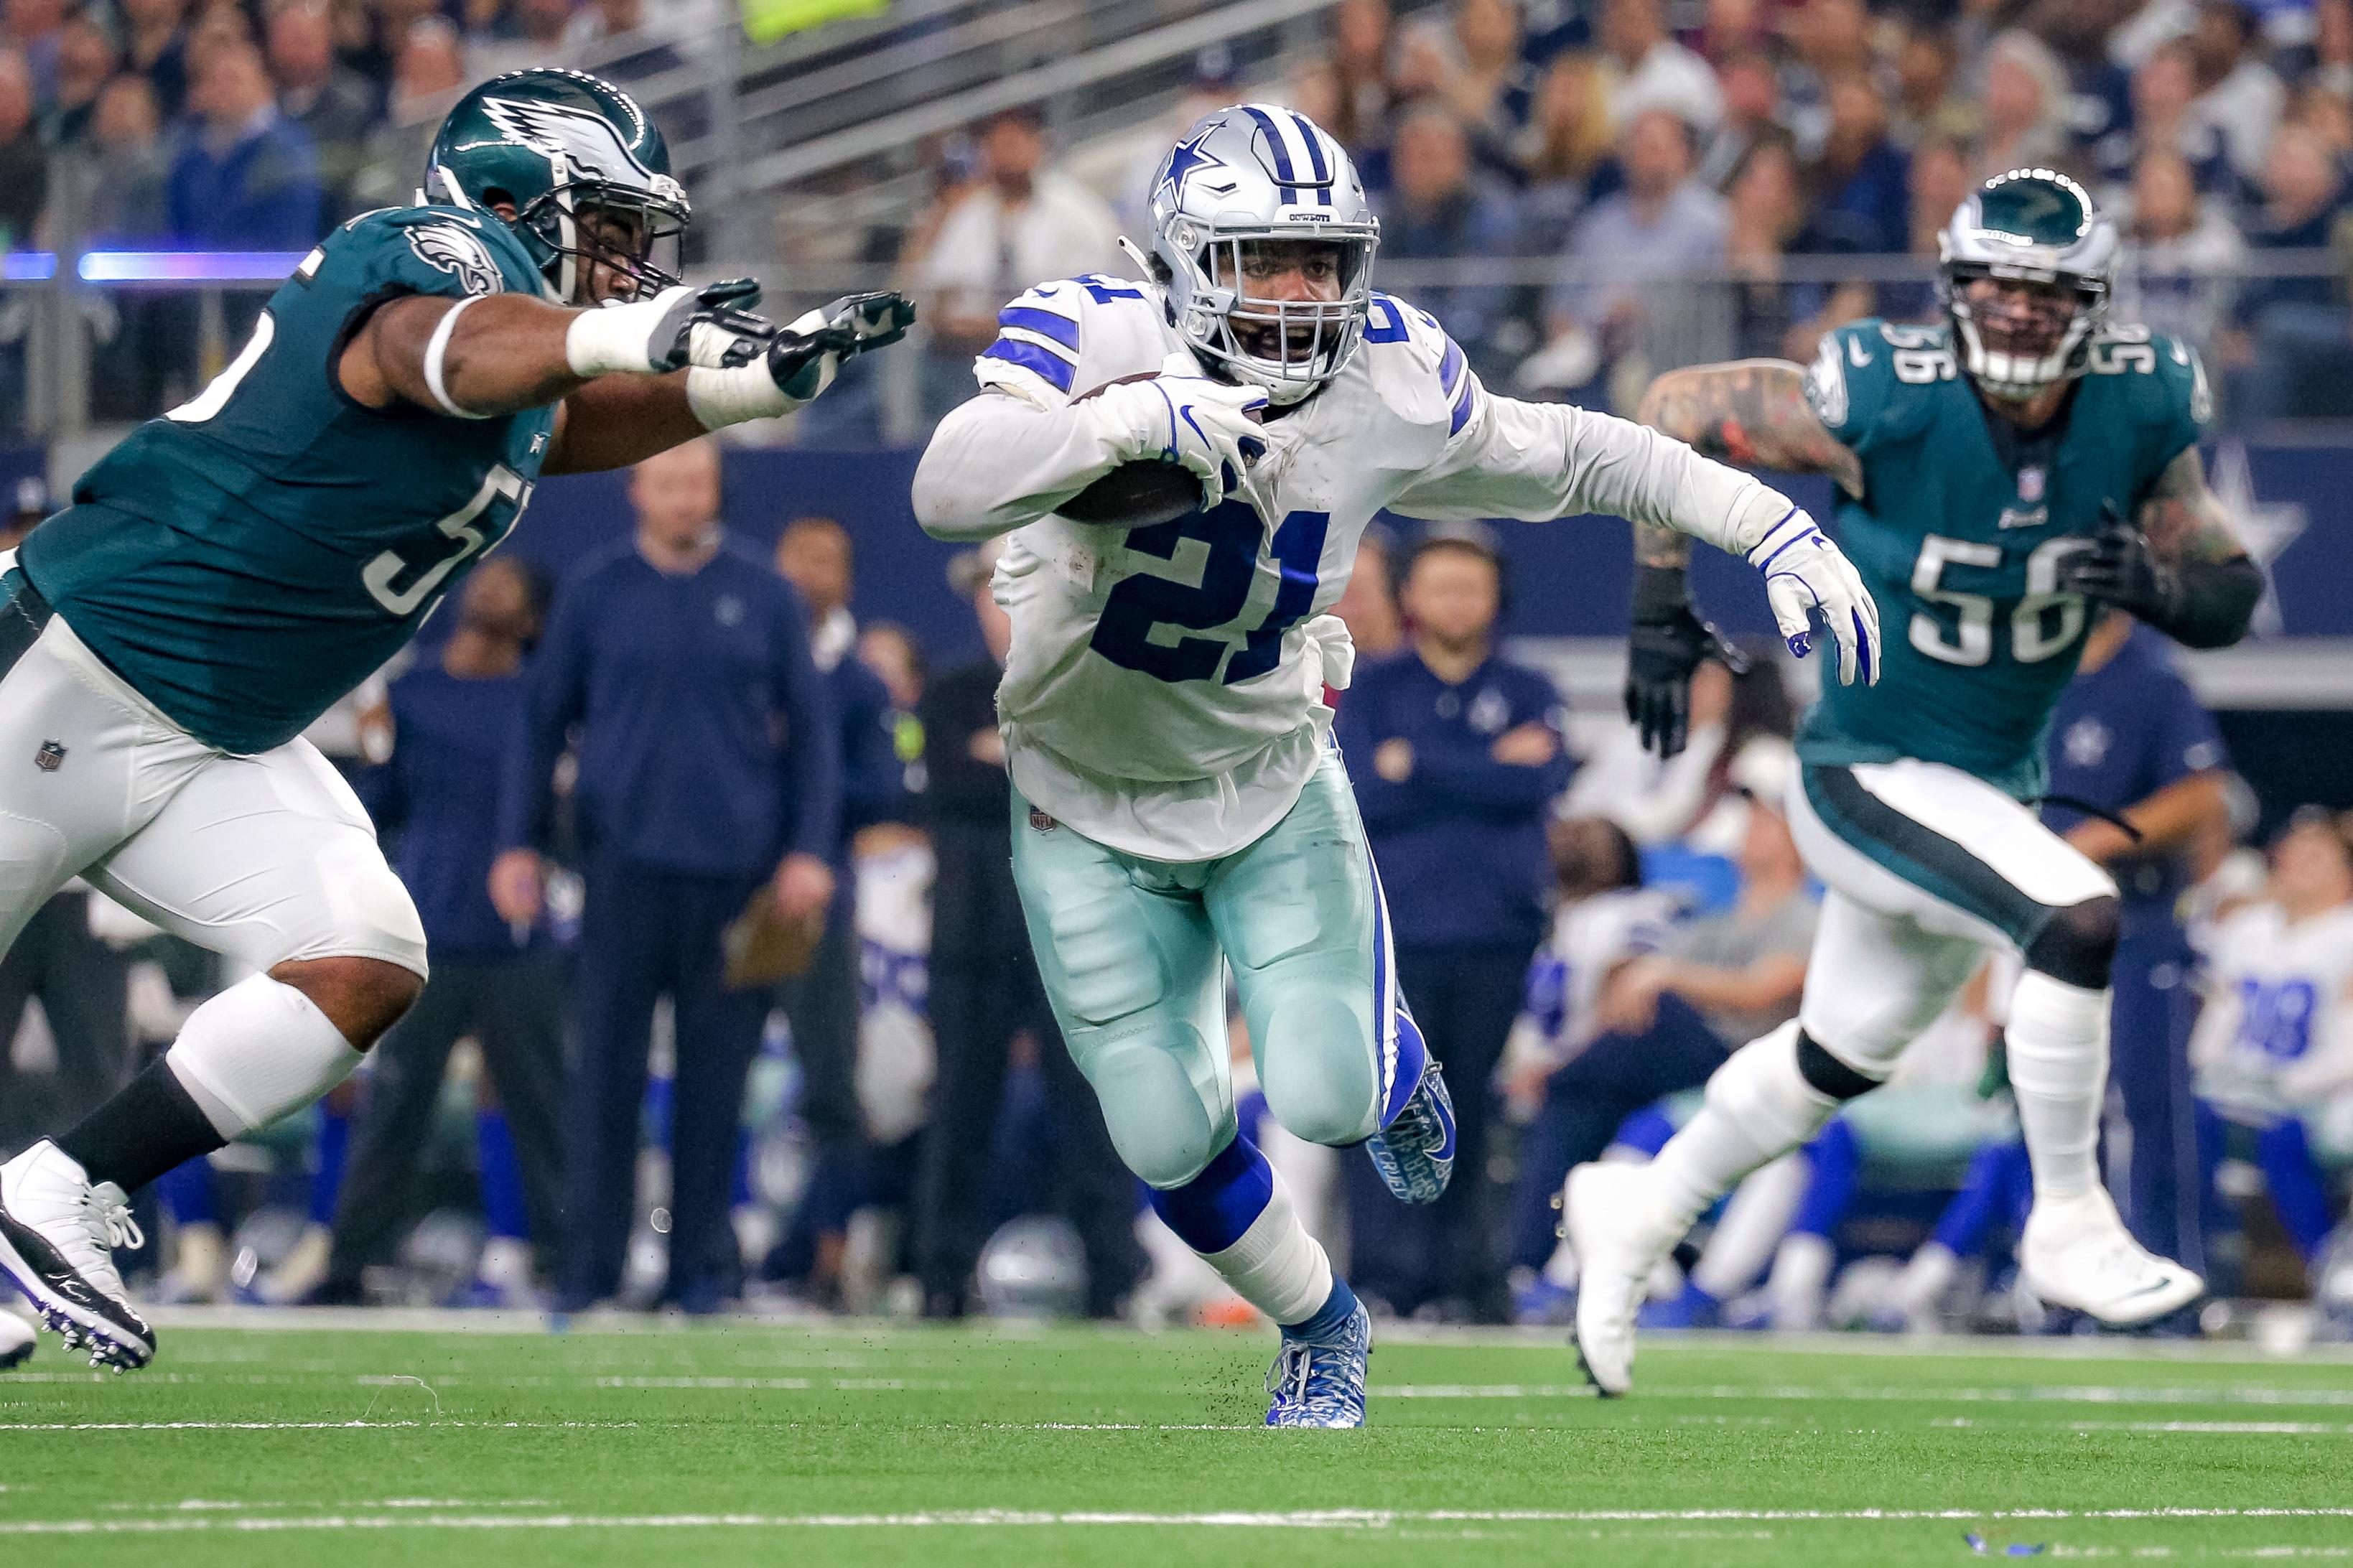 NFL: DEC 09 Eagles at Cowboys